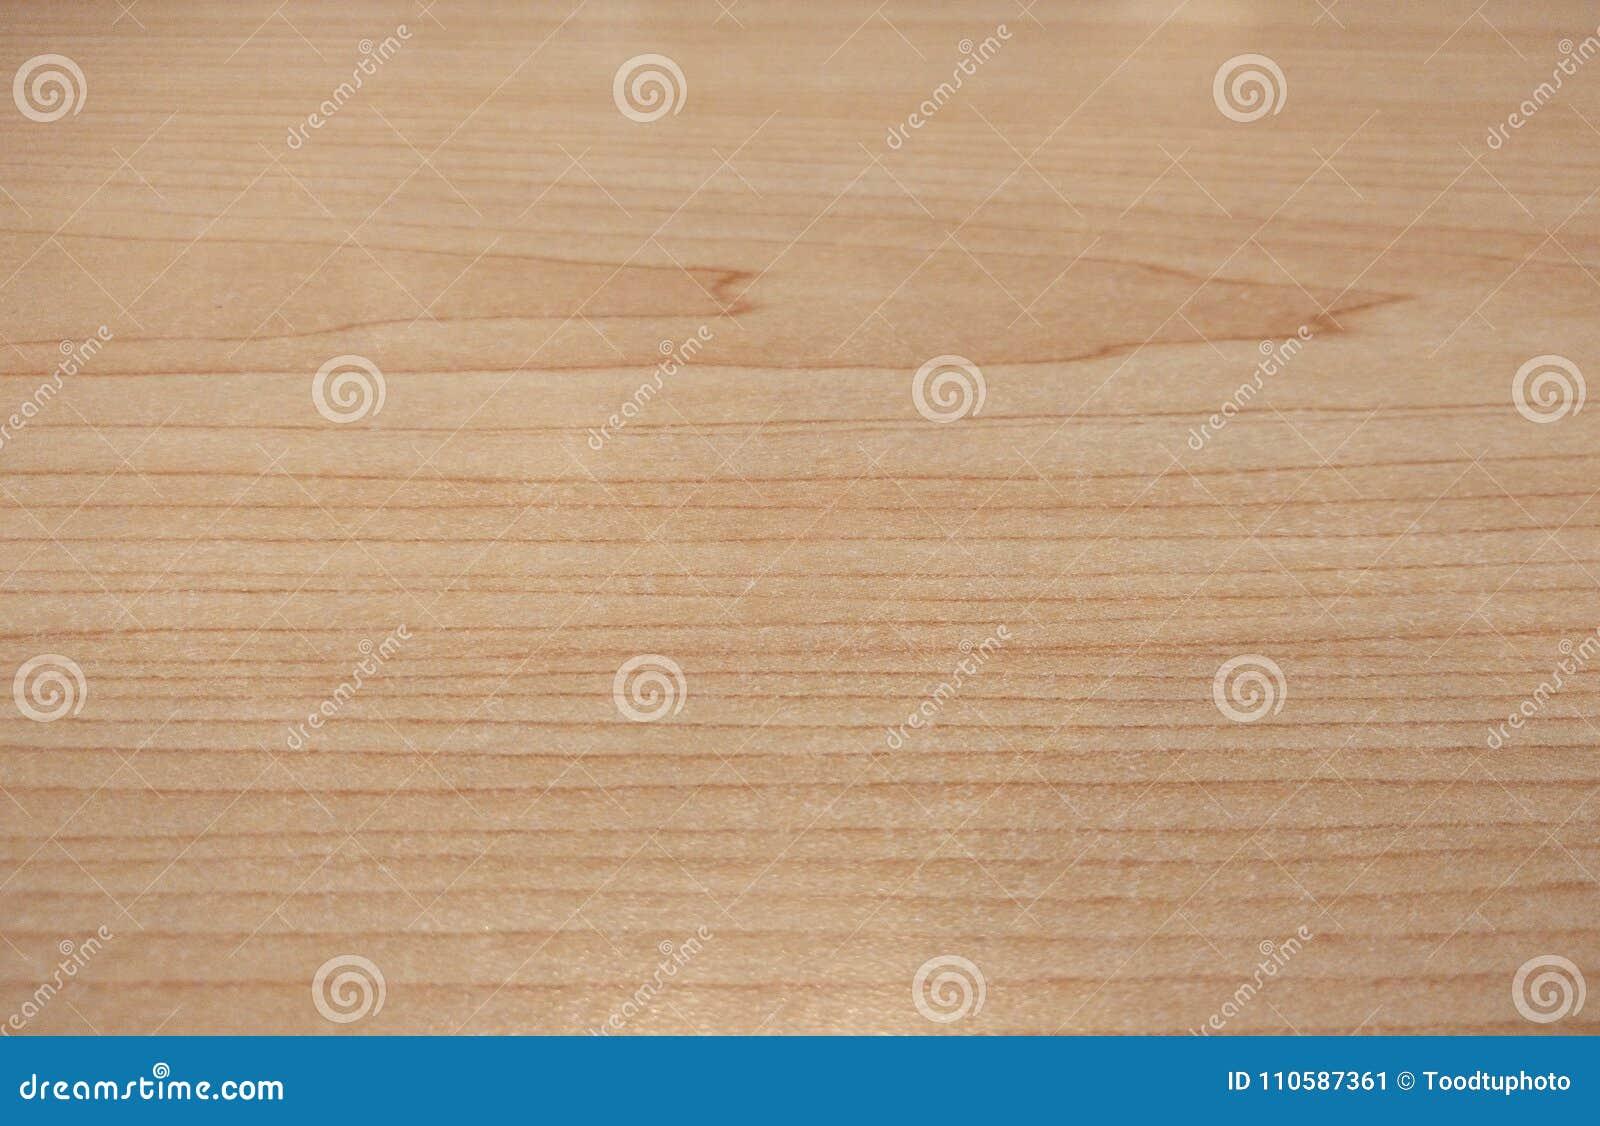 Bräde för tappning för bästa sikt wood, slut upp gammal wood modell och textur